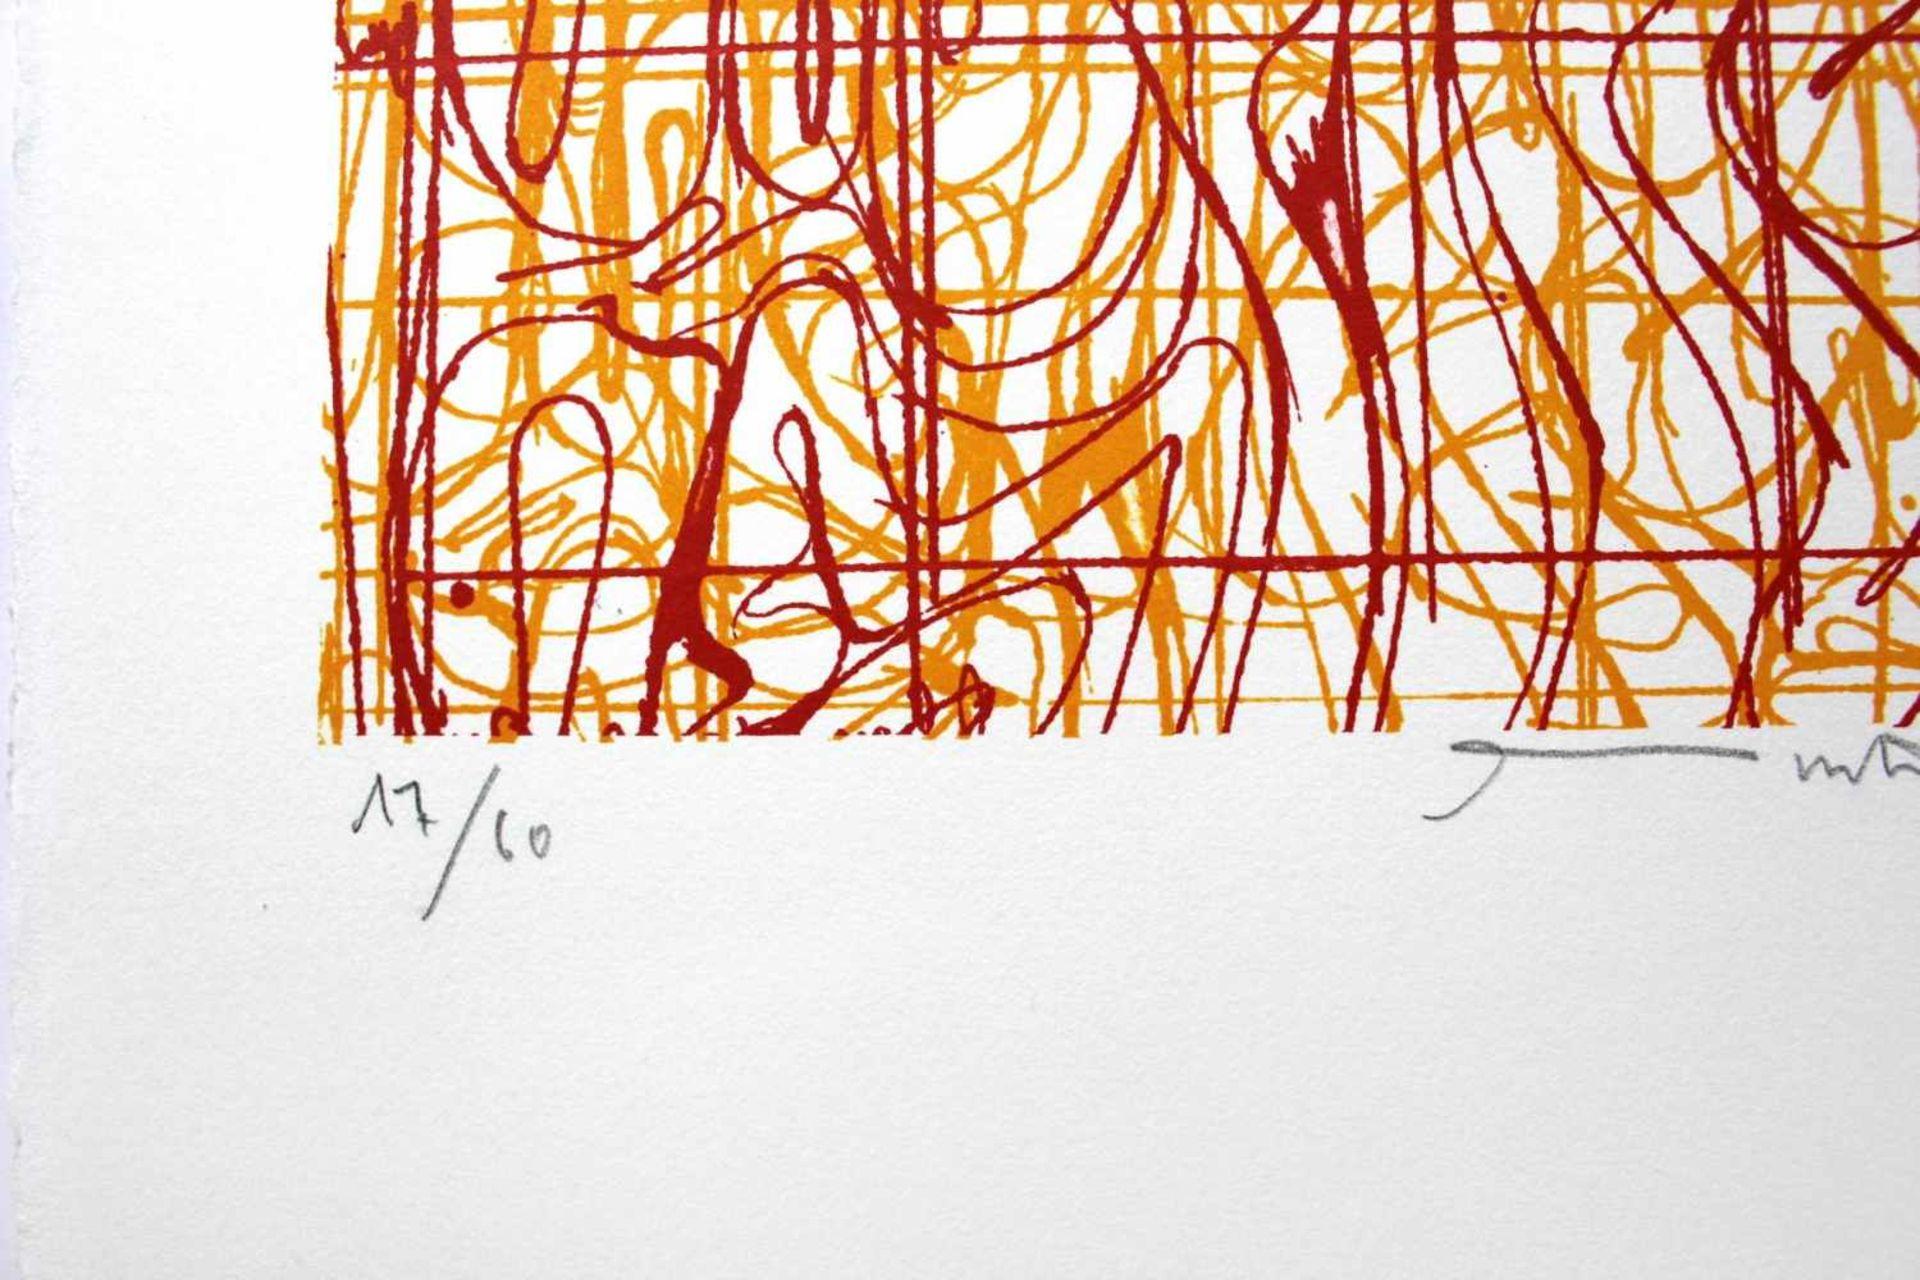 Hermann Nitsch geb. 1938 o.T. 2009 Farblithographie handsigniert und nummeriert 17/60 45 x 30 cm - Bild 3 aus 3